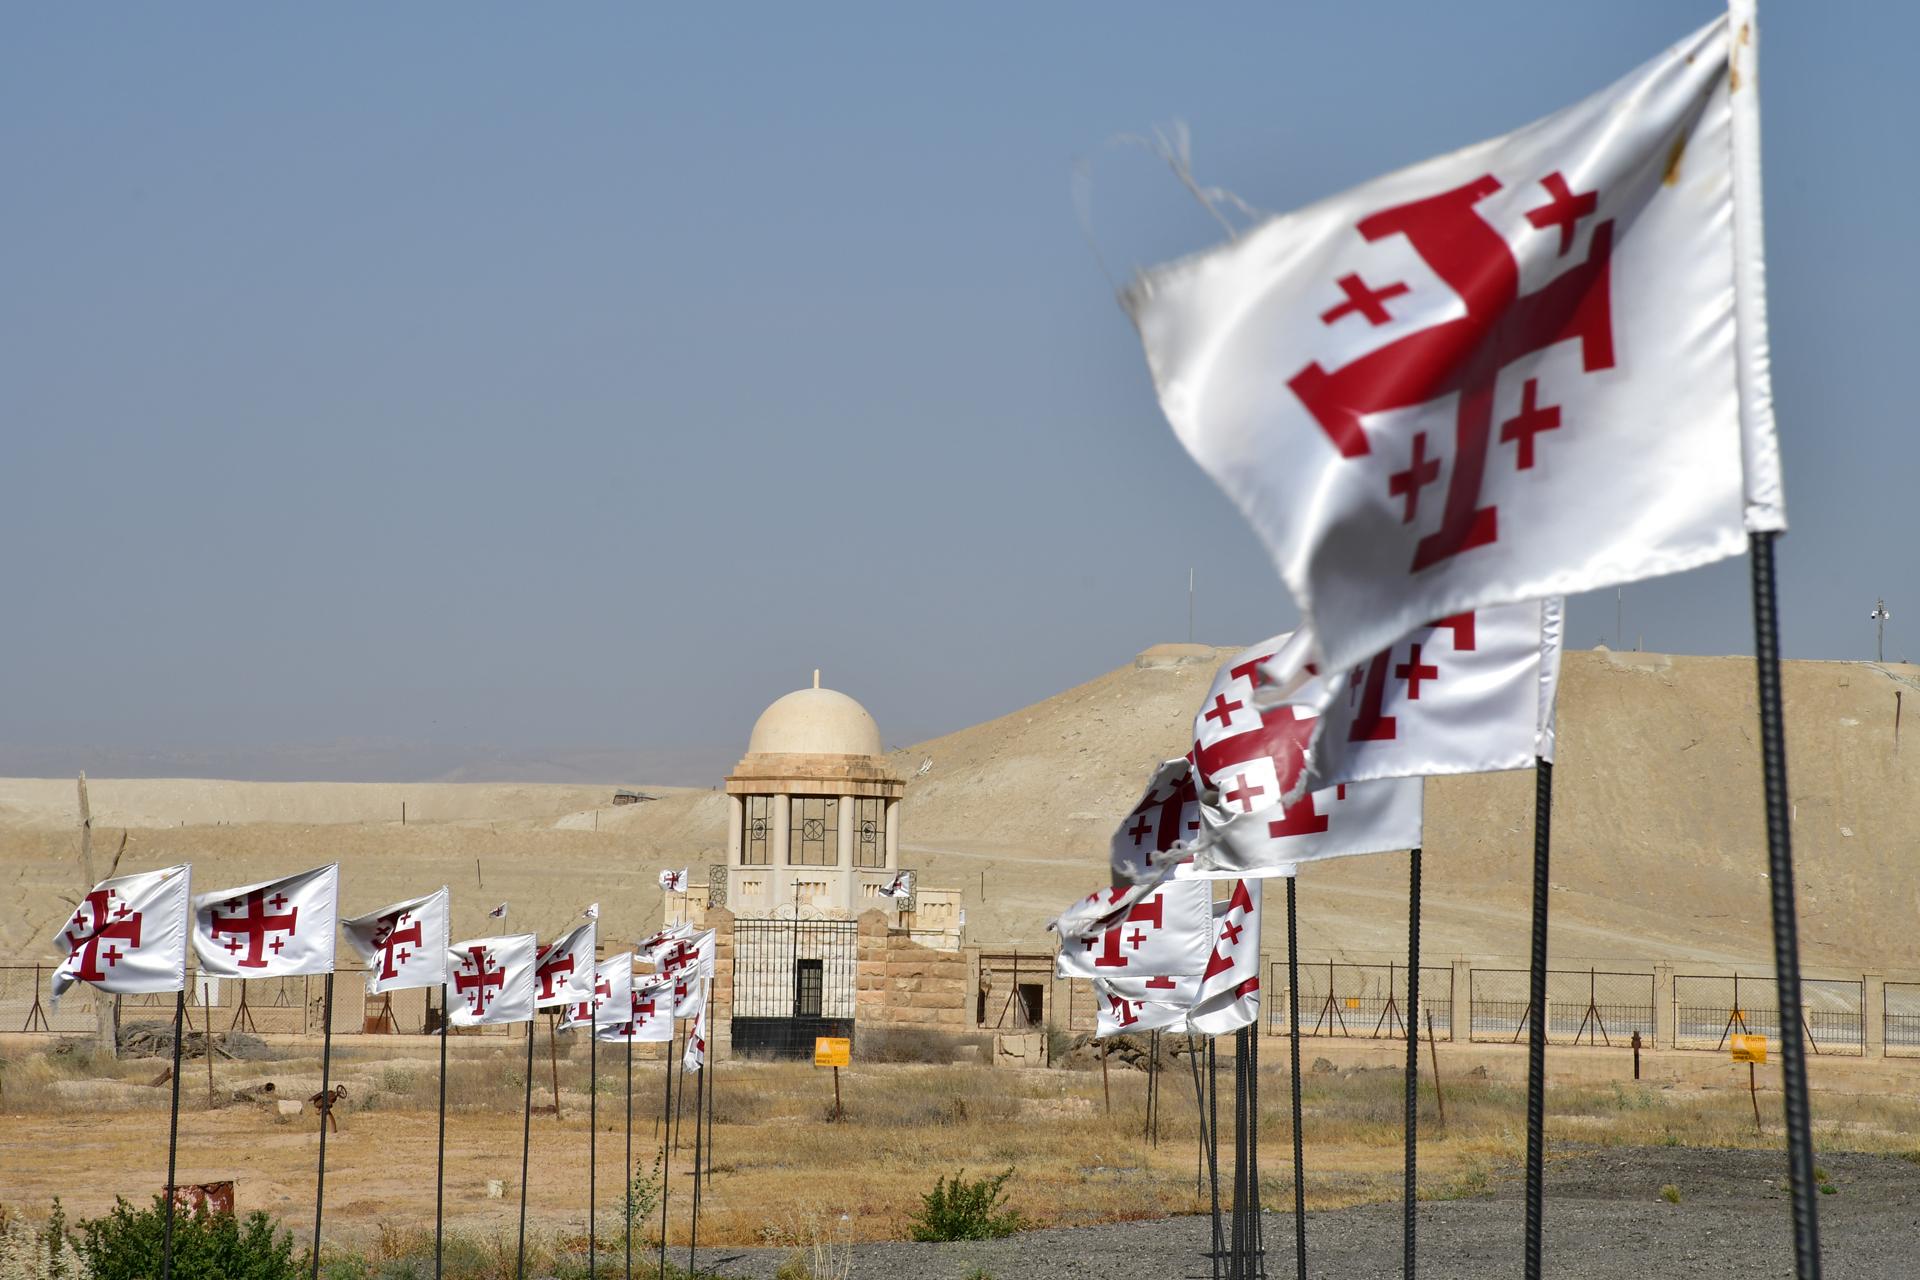 """ים המלח - ארץ המנזרים חוף קלי""""ה Qasr al-Yehud יואל שתרוג - אדמה יוצרת - קאסר אל יהוד yoel sitruk"""